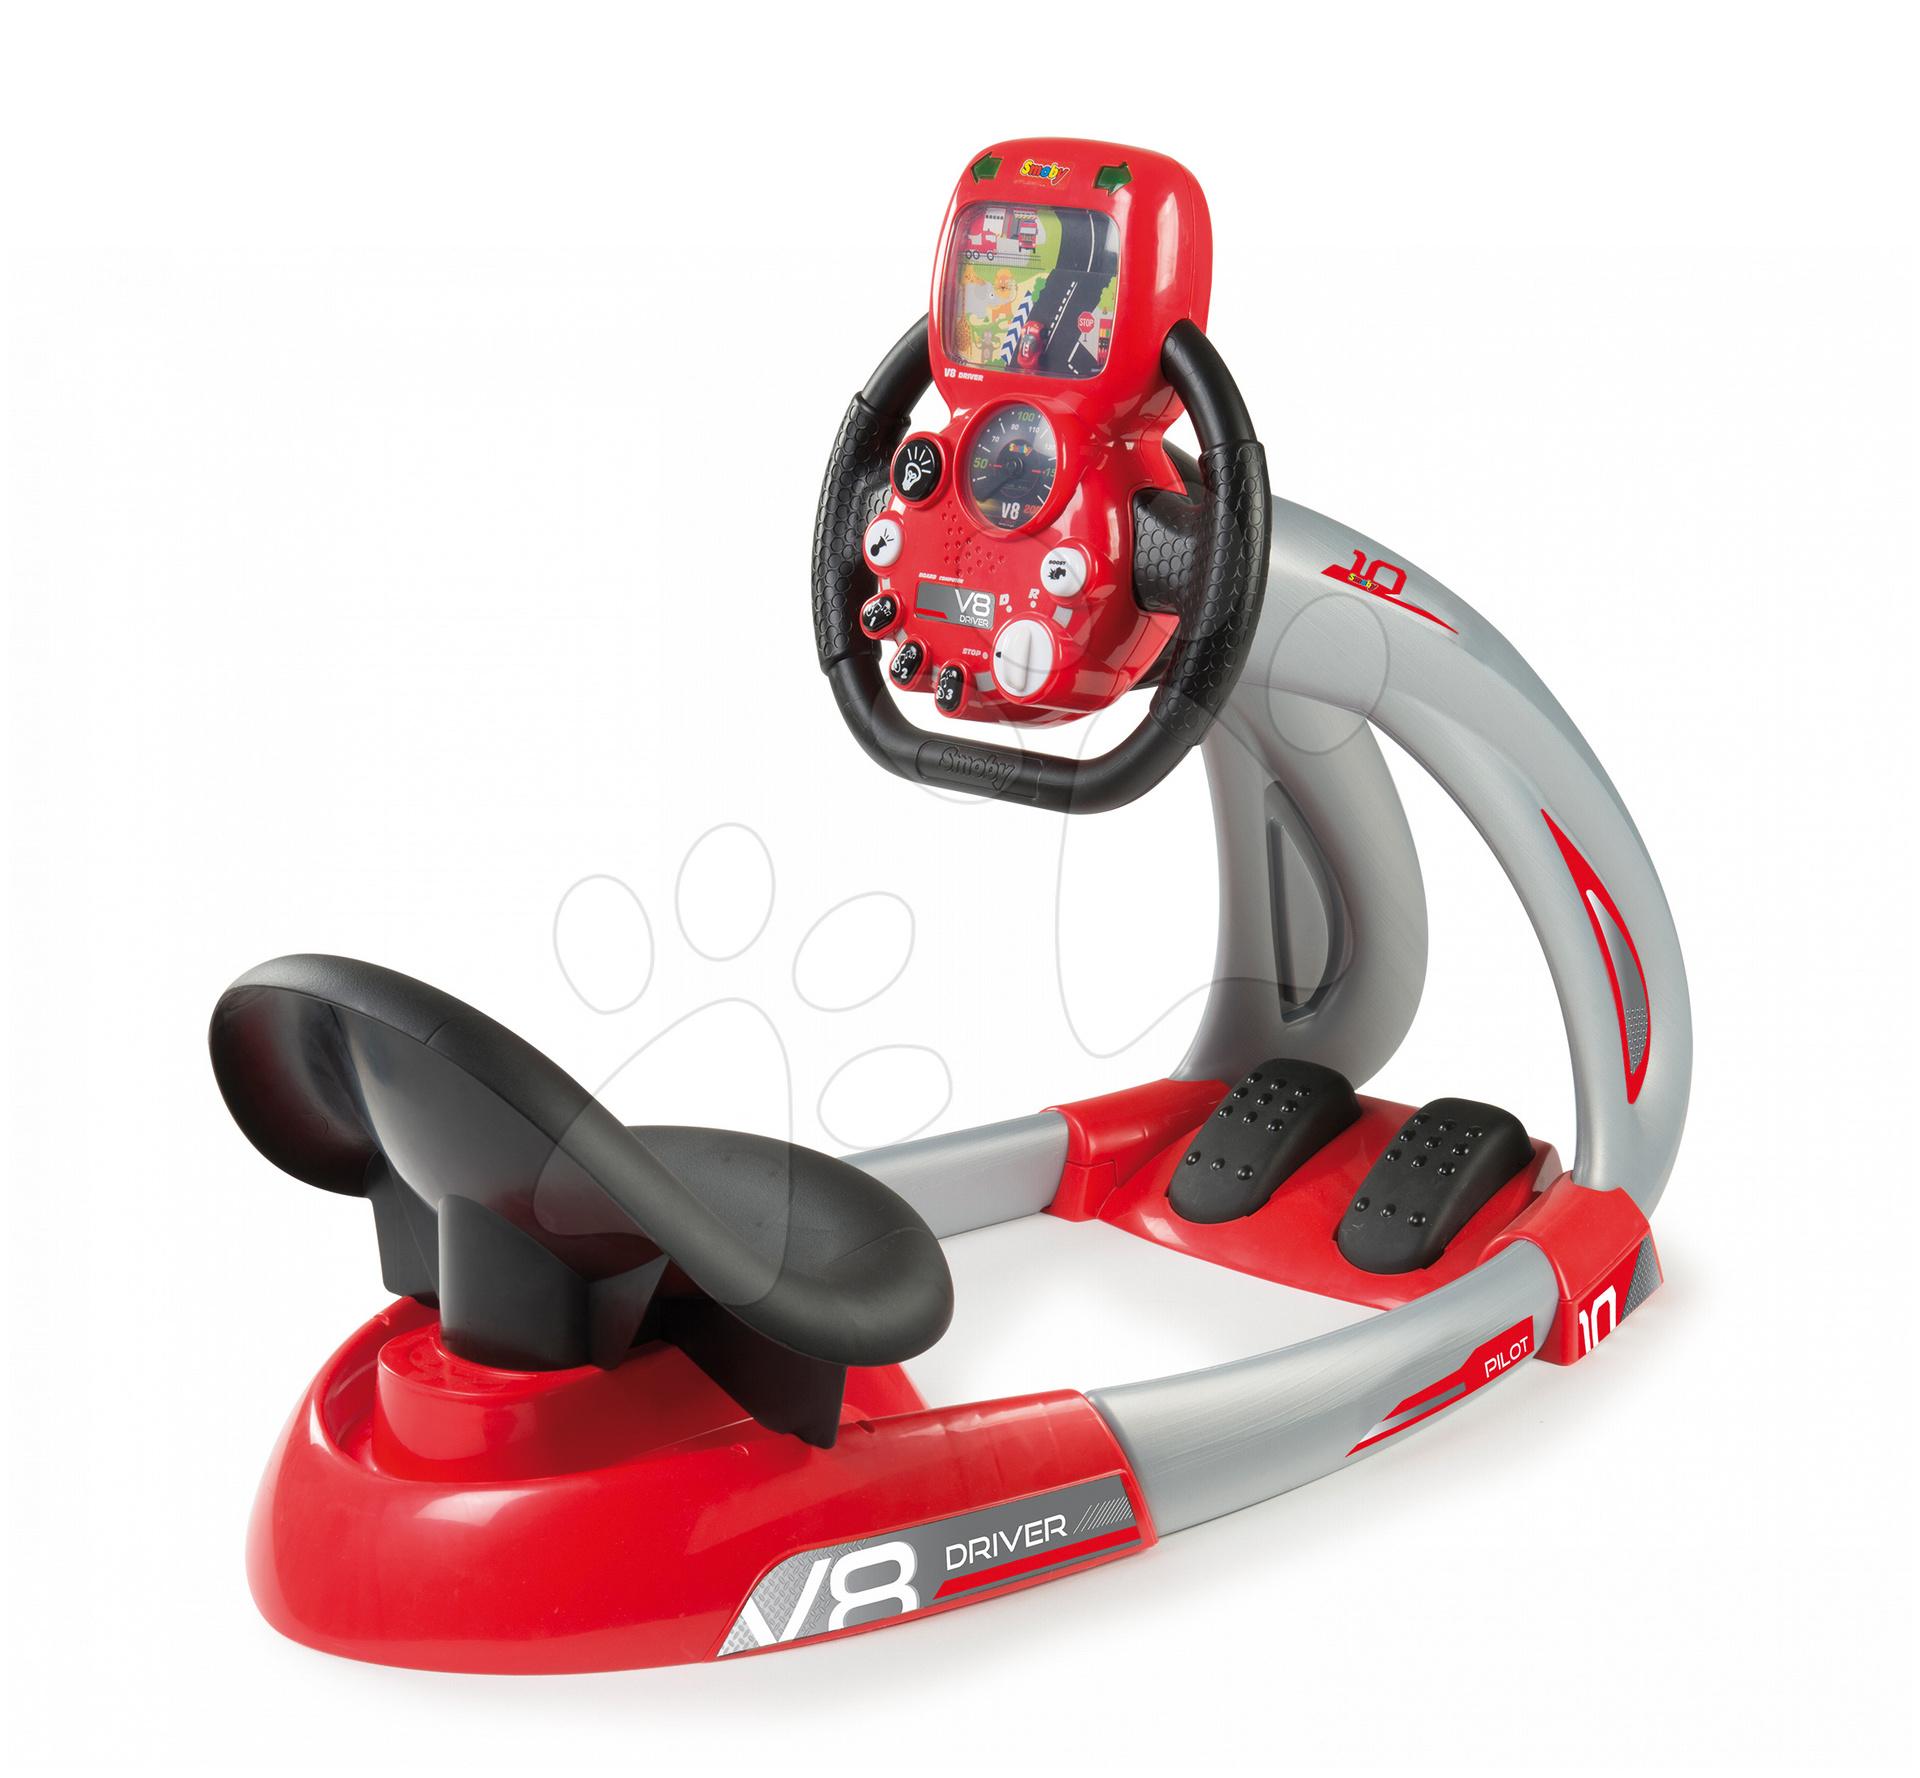 Trenažér pro děti V8 Driver Smoby elektronický se zvukem a světlem